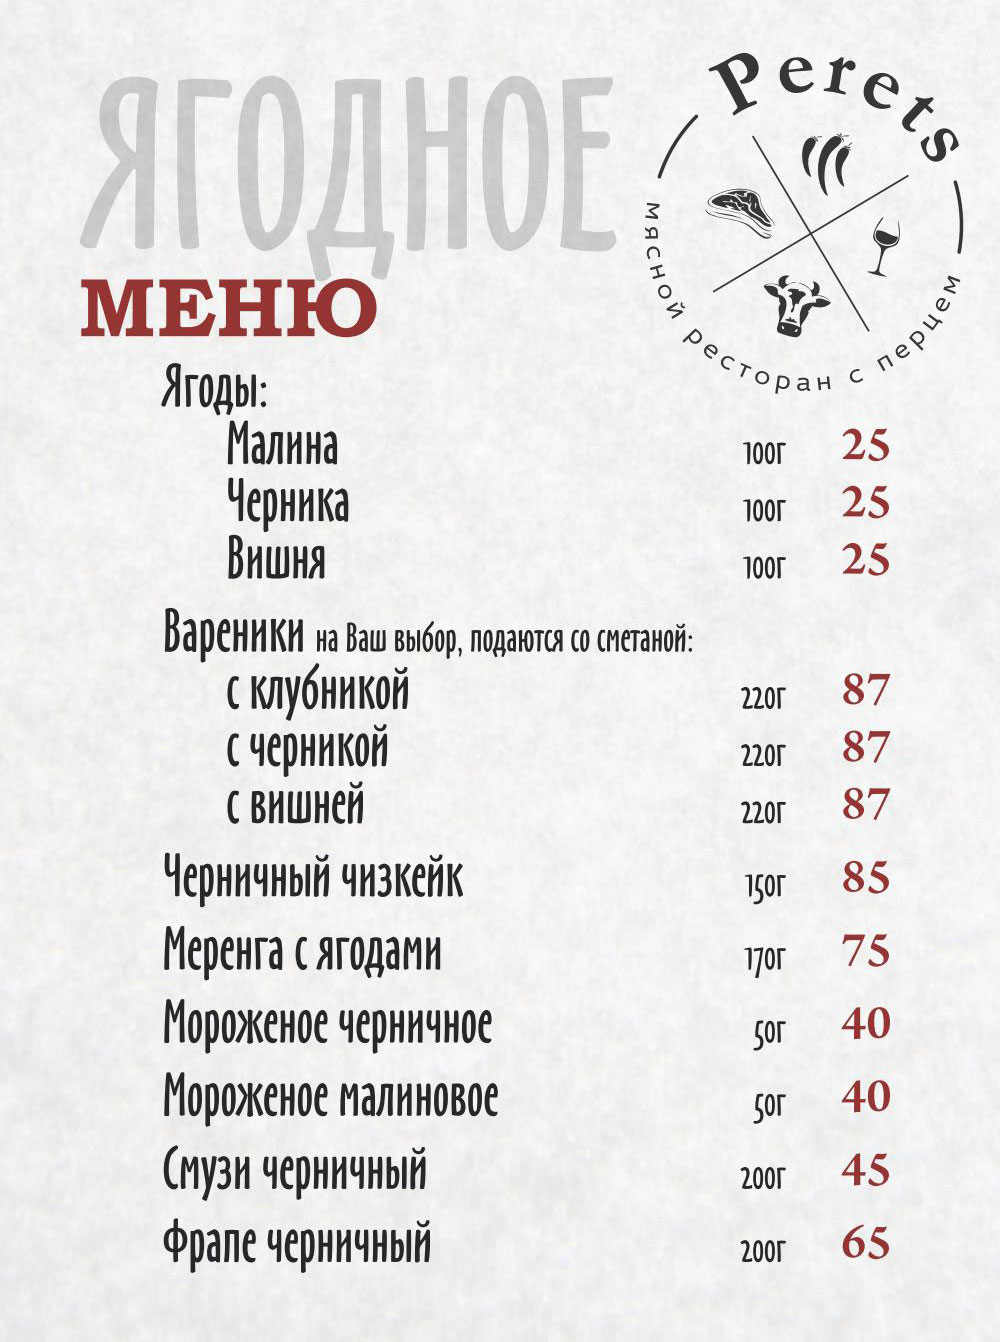 Ягодное меню ресторана PERETS